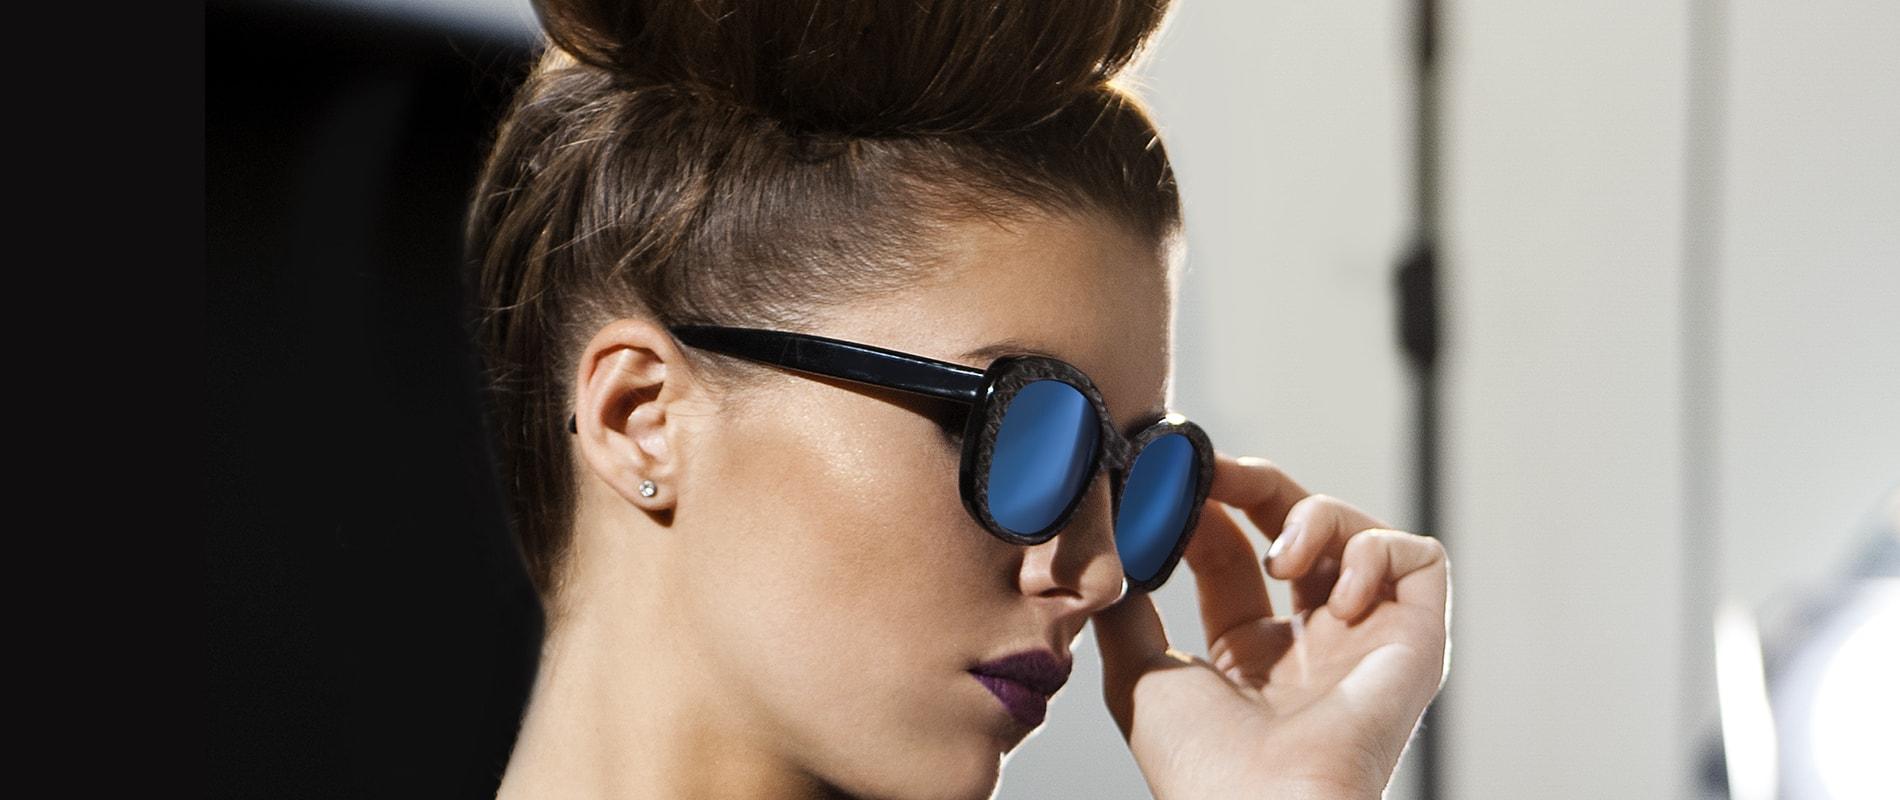 Glasses coating